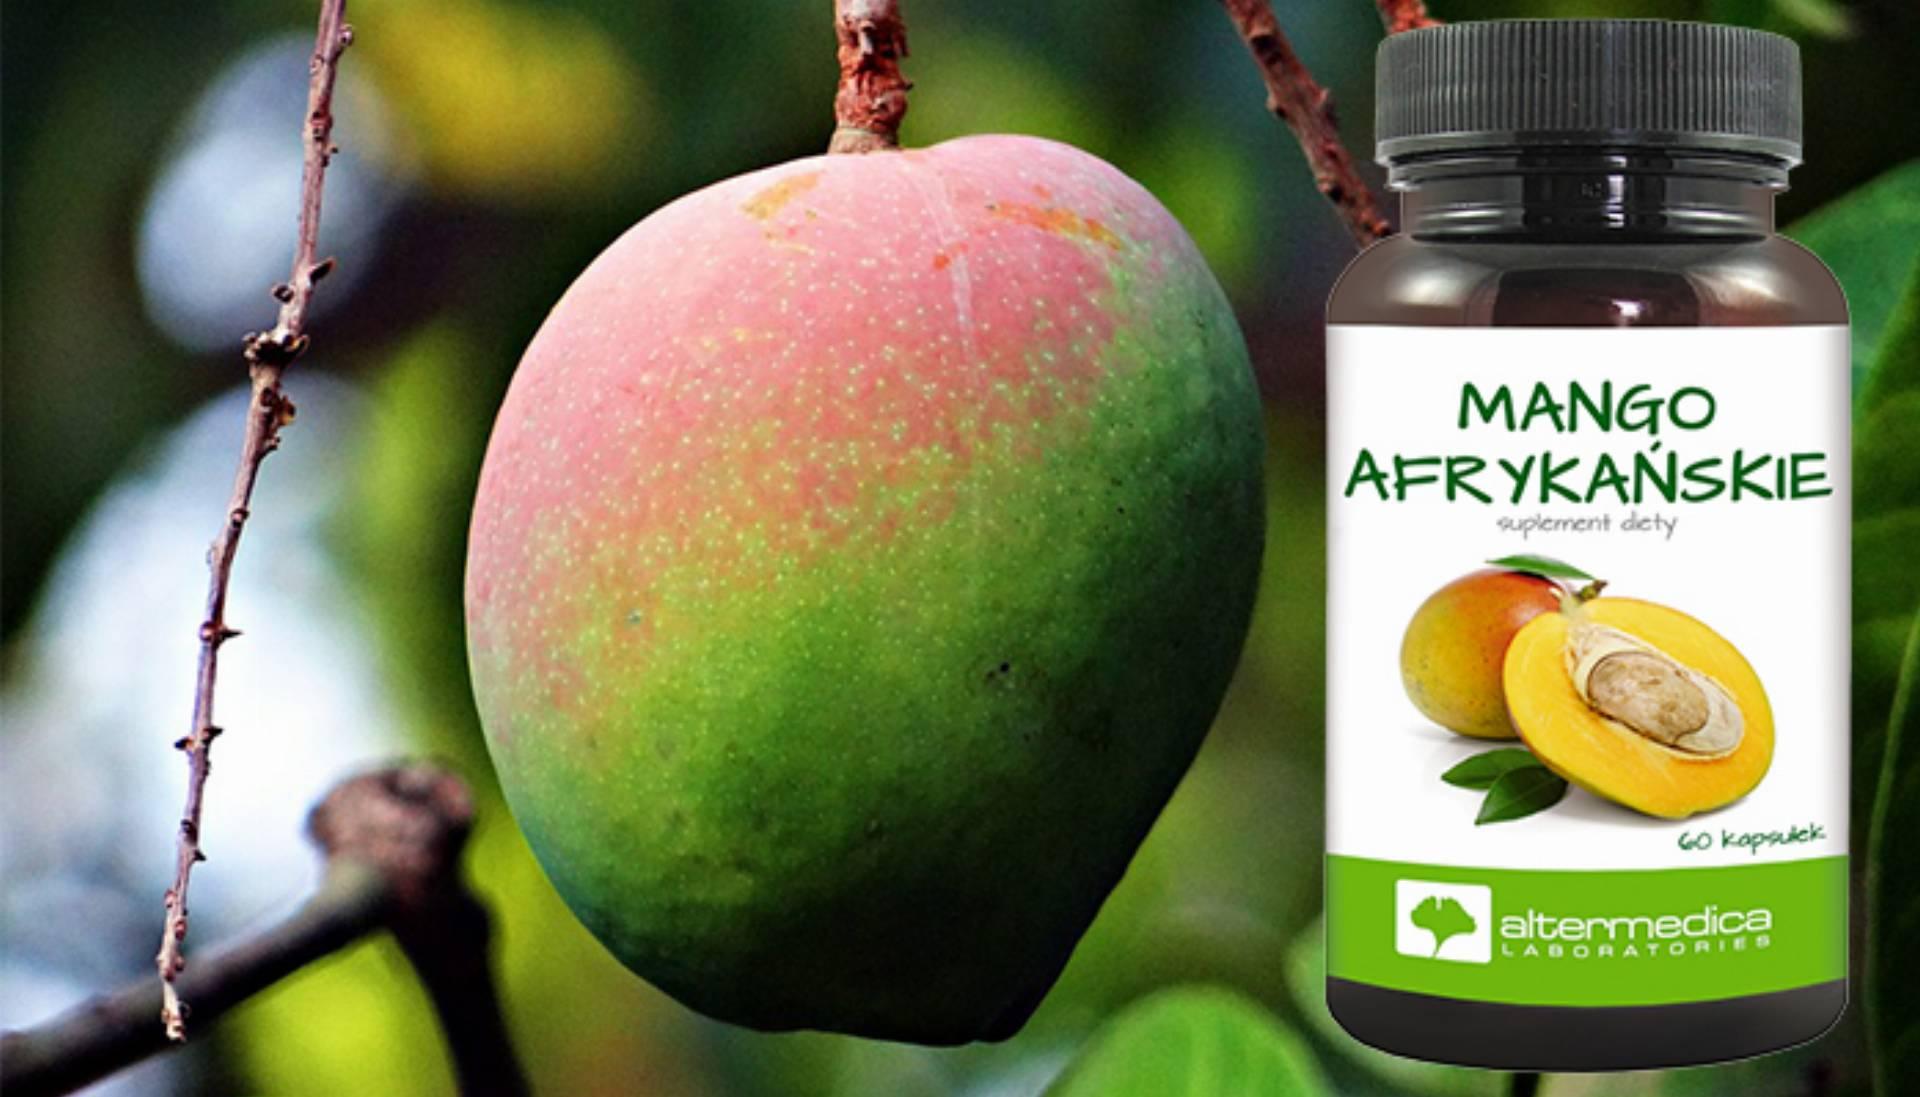 mango afrynańskie